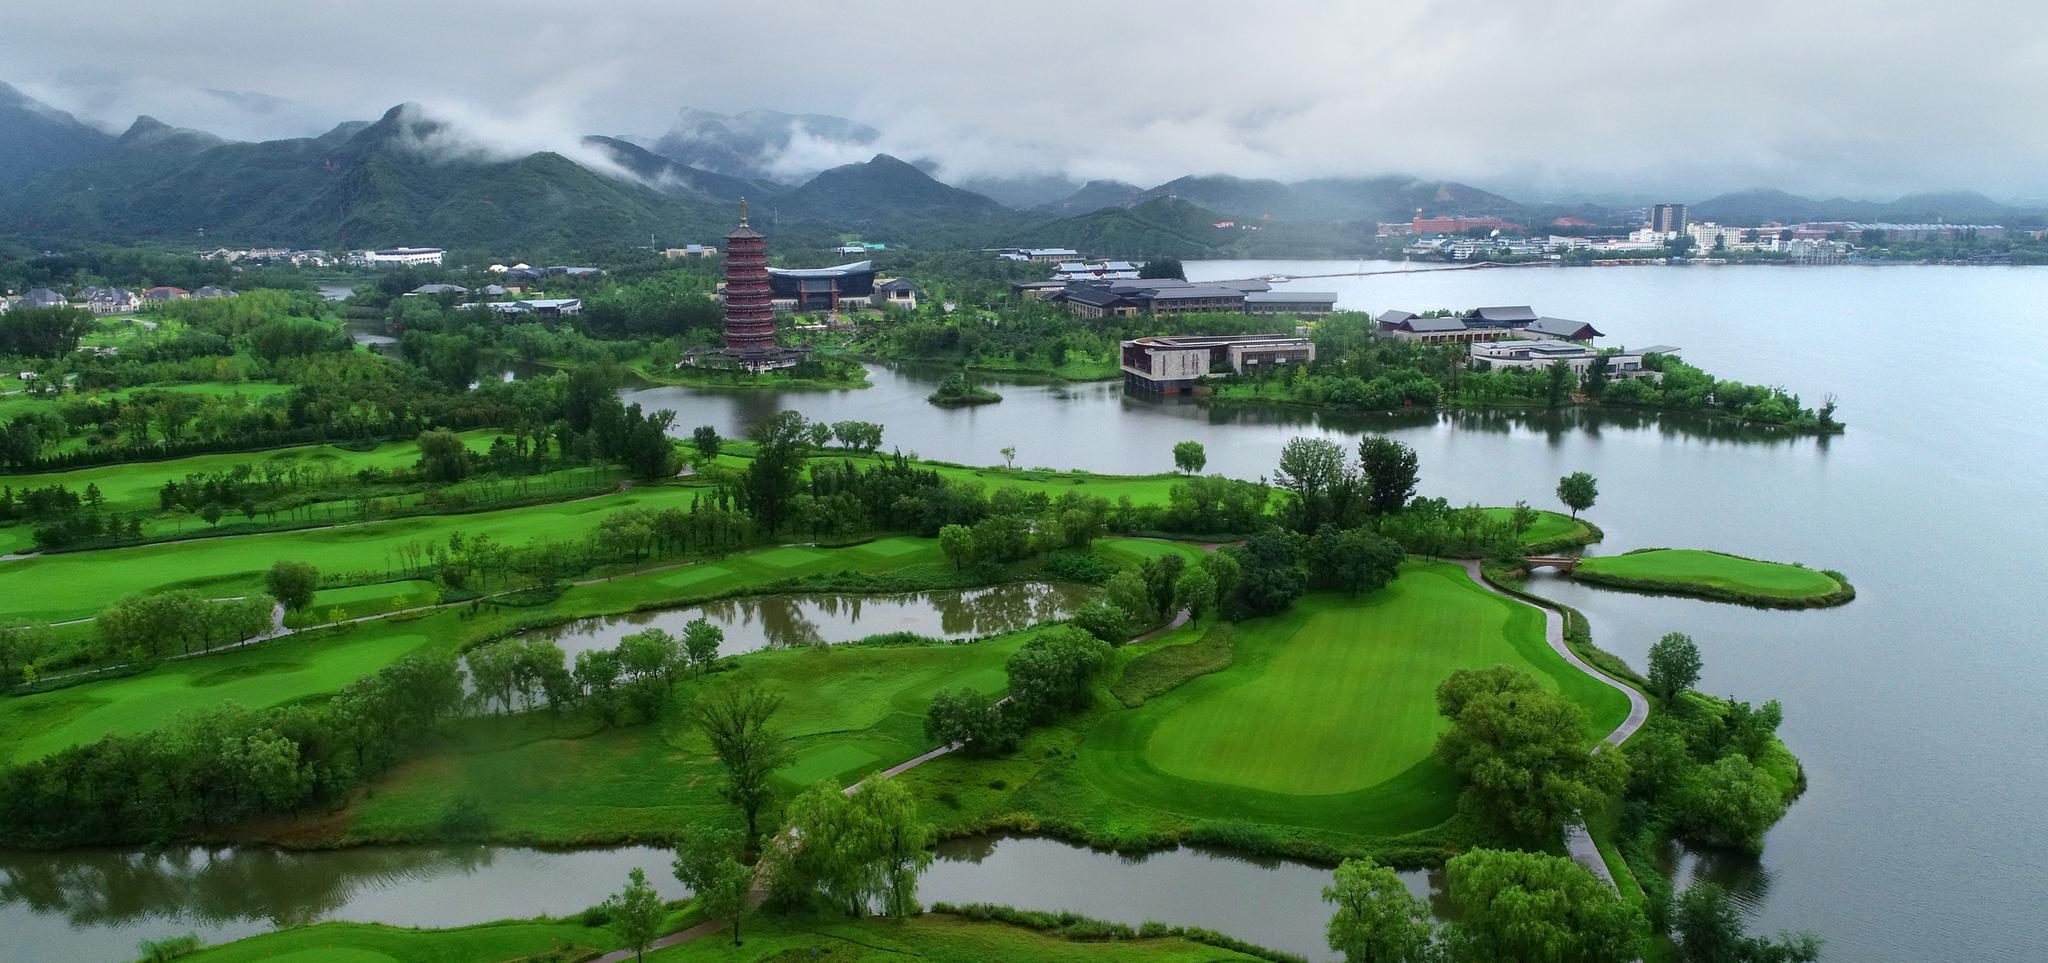 把考古遗址公园建成北京文化金名片